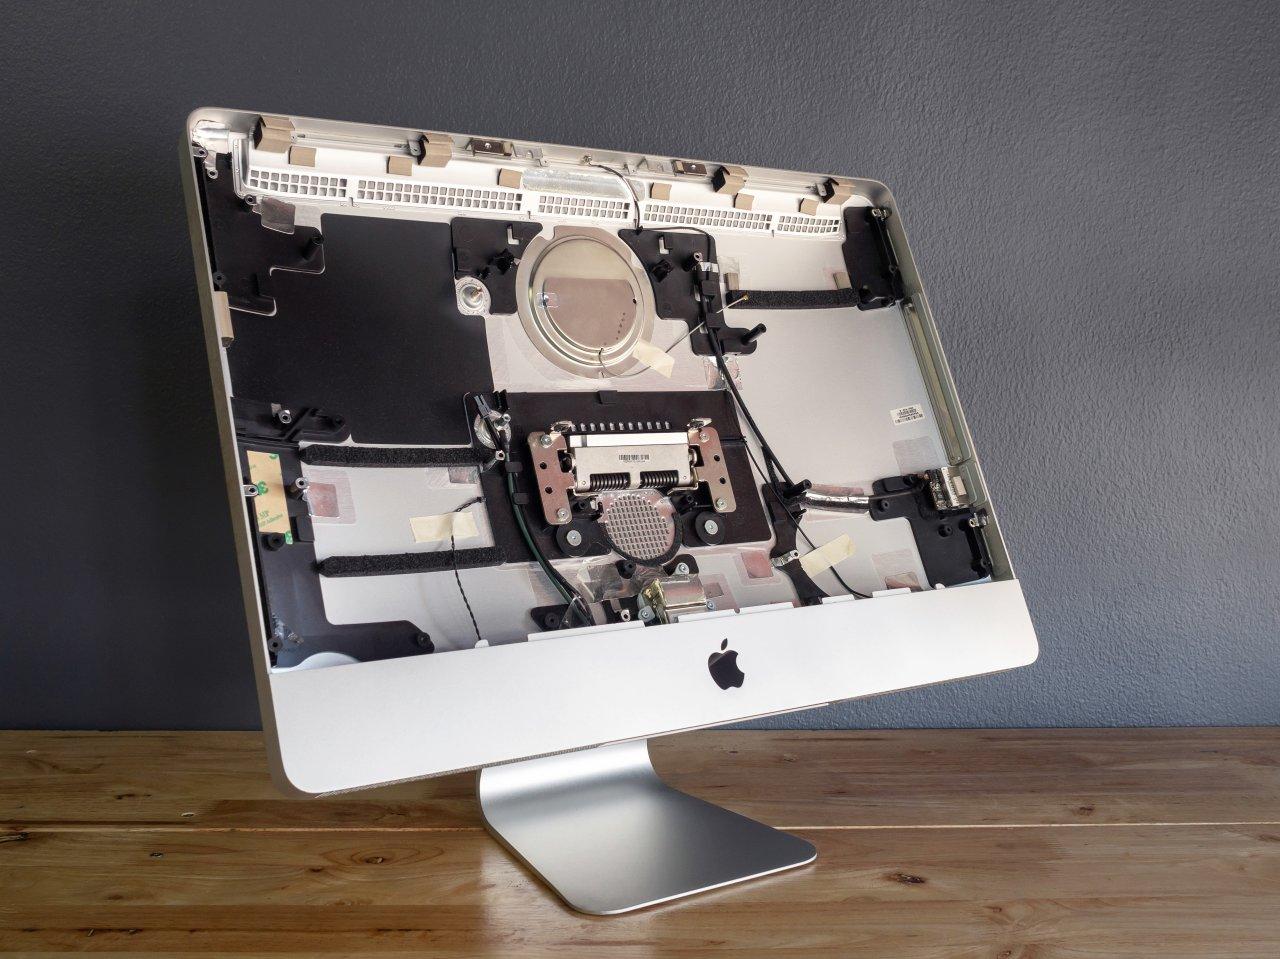 Computer oder Smartphones sind komplizierte technische Geräte. Die Reparatur eines iMacs etwa kann außerhalb der Apple-Garantie ganz schön teuer werden.